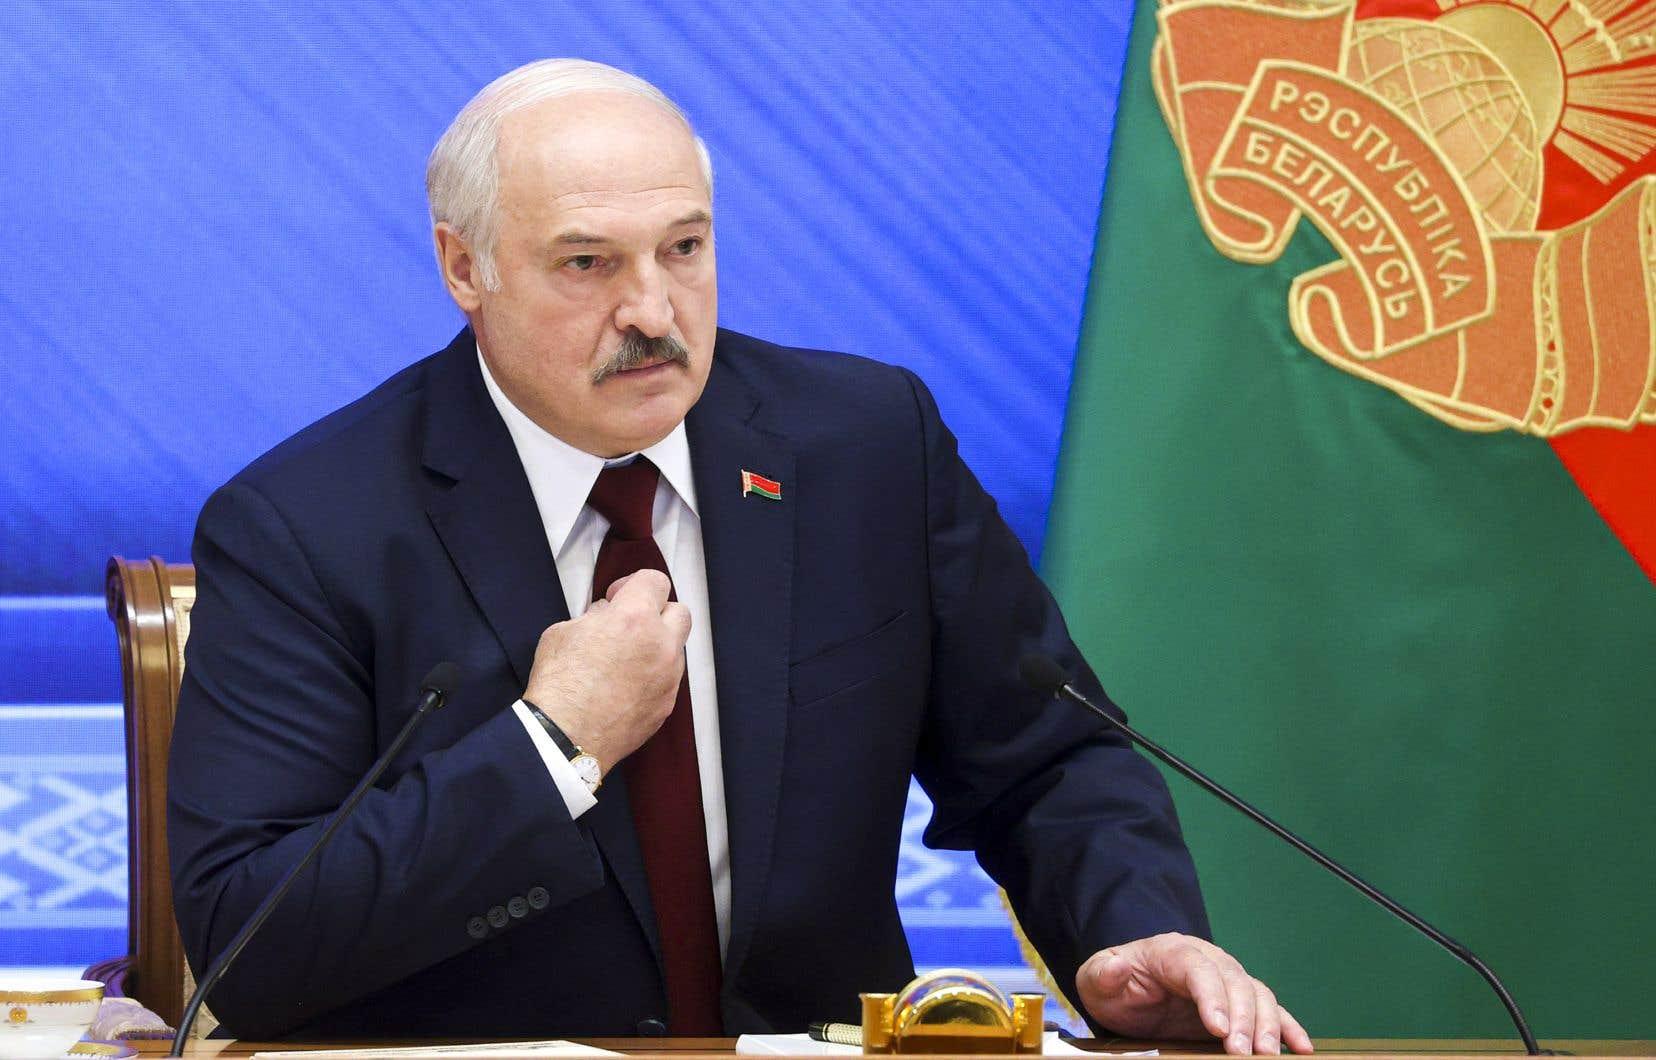 Lors d'une rencontre télévisée avec la presse et des dignitaires du régime lundi, Loukachenko a déclaré qu'«il n'y a pas et il n'y aura jamais de répression dans mon pays. [...] Je n'en ai pas besoin».